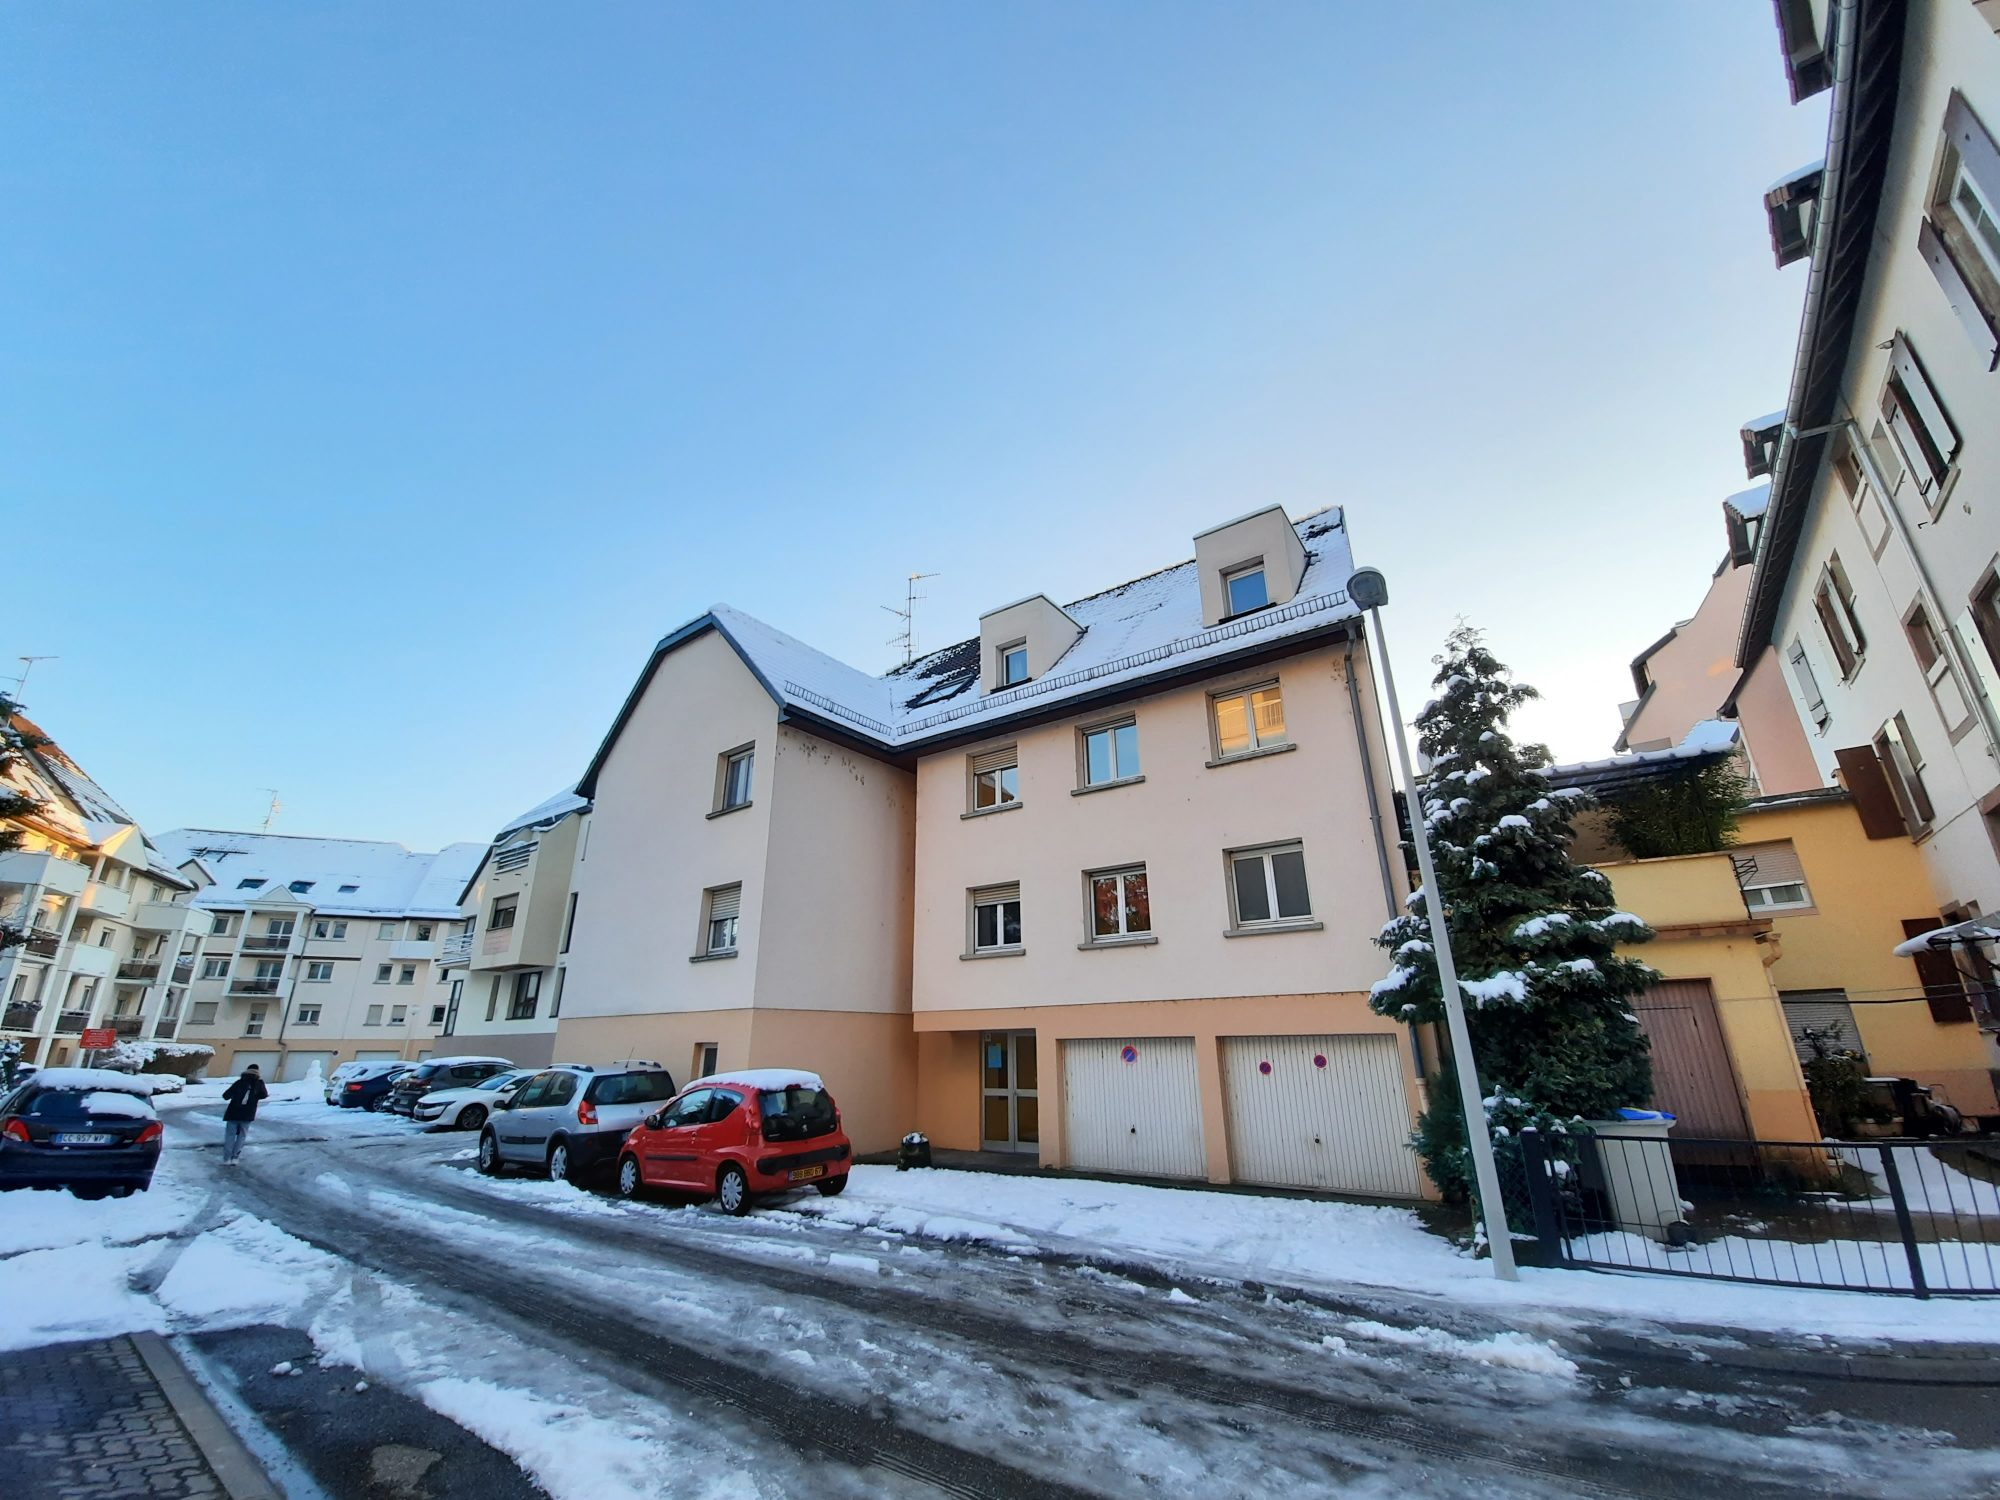 ROBERTSAU SUD - 3 pces de 73.50m² avec balcon